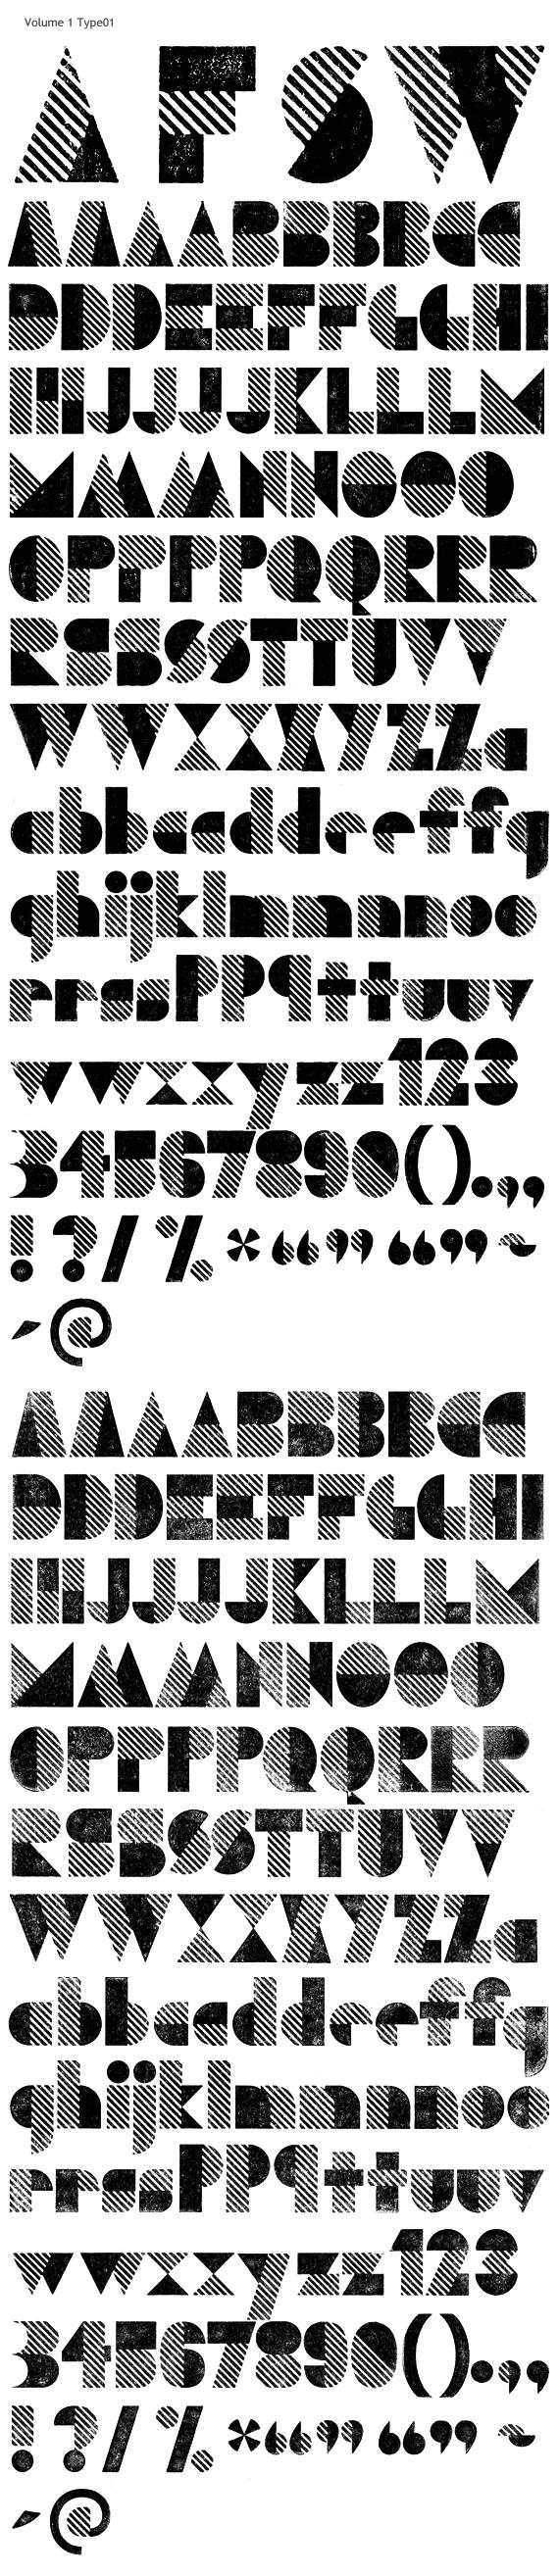 T 26 Digital Type Foundry | EPS : LetterPress Type